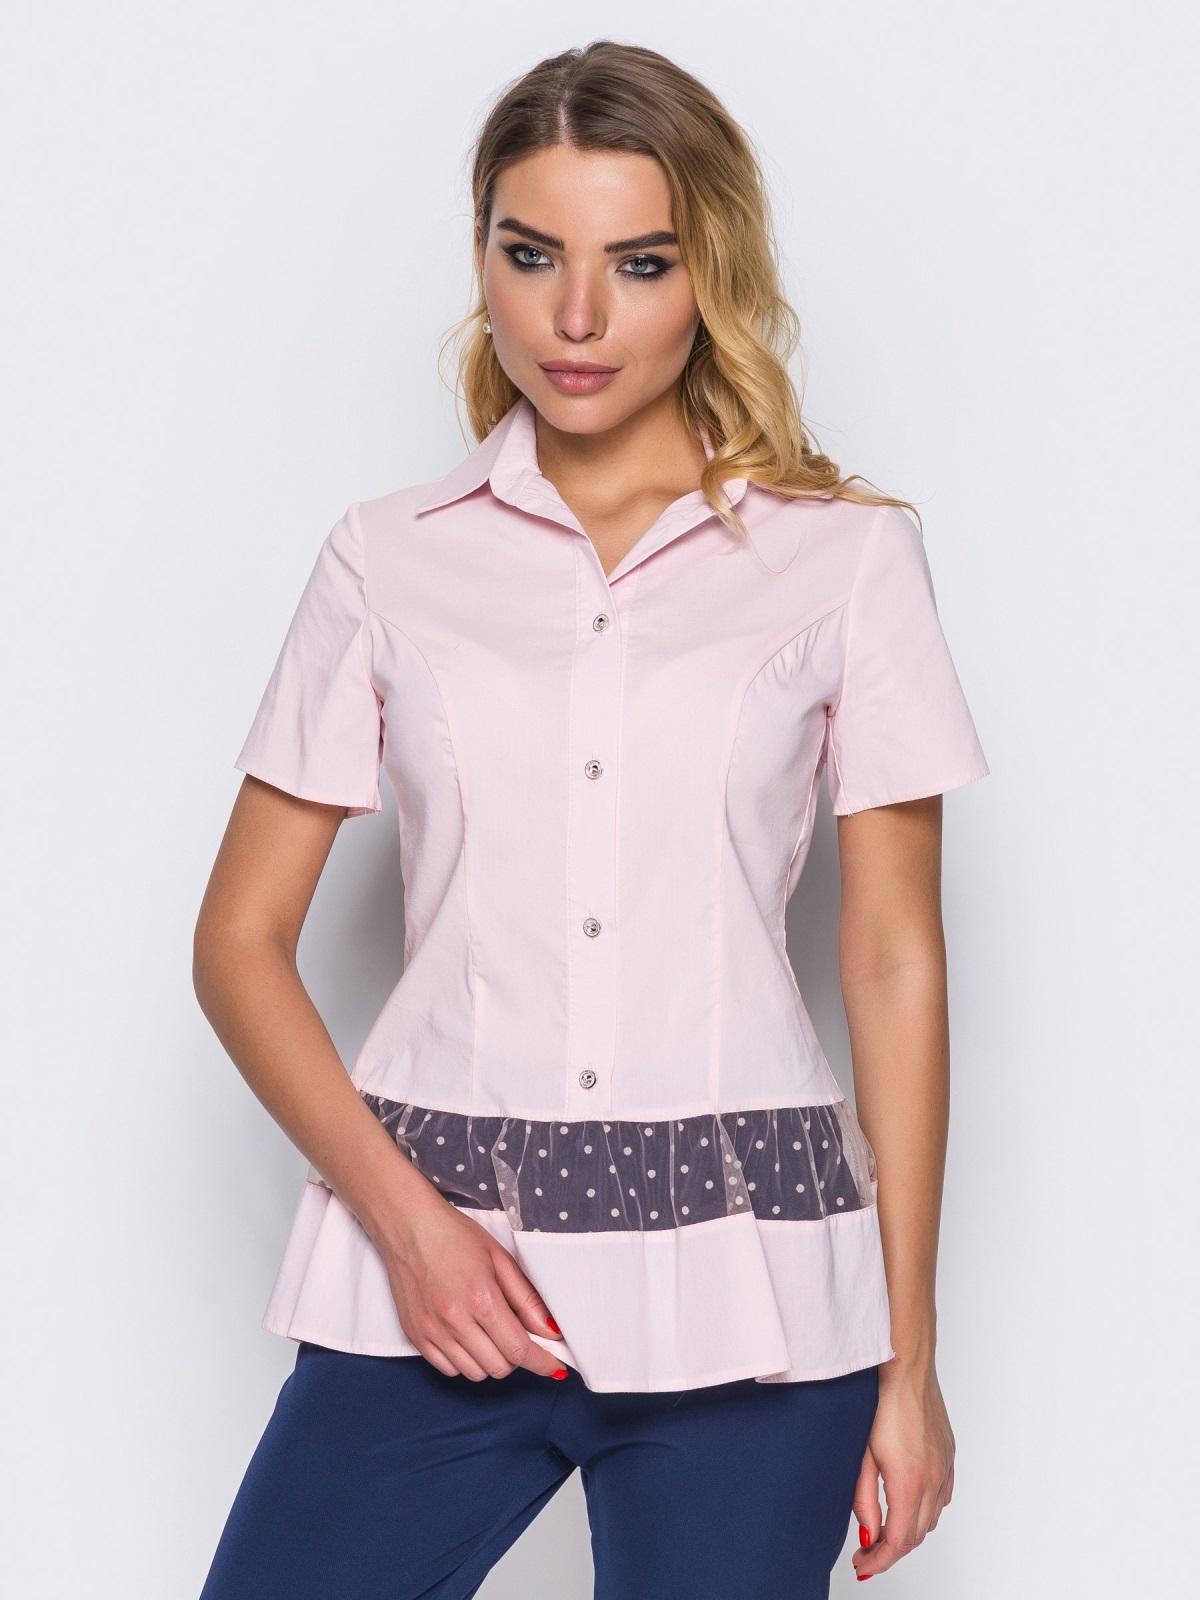 Блузка с фатином по волану розовая - 14174, фото 1 – интернет-магазин Dressa